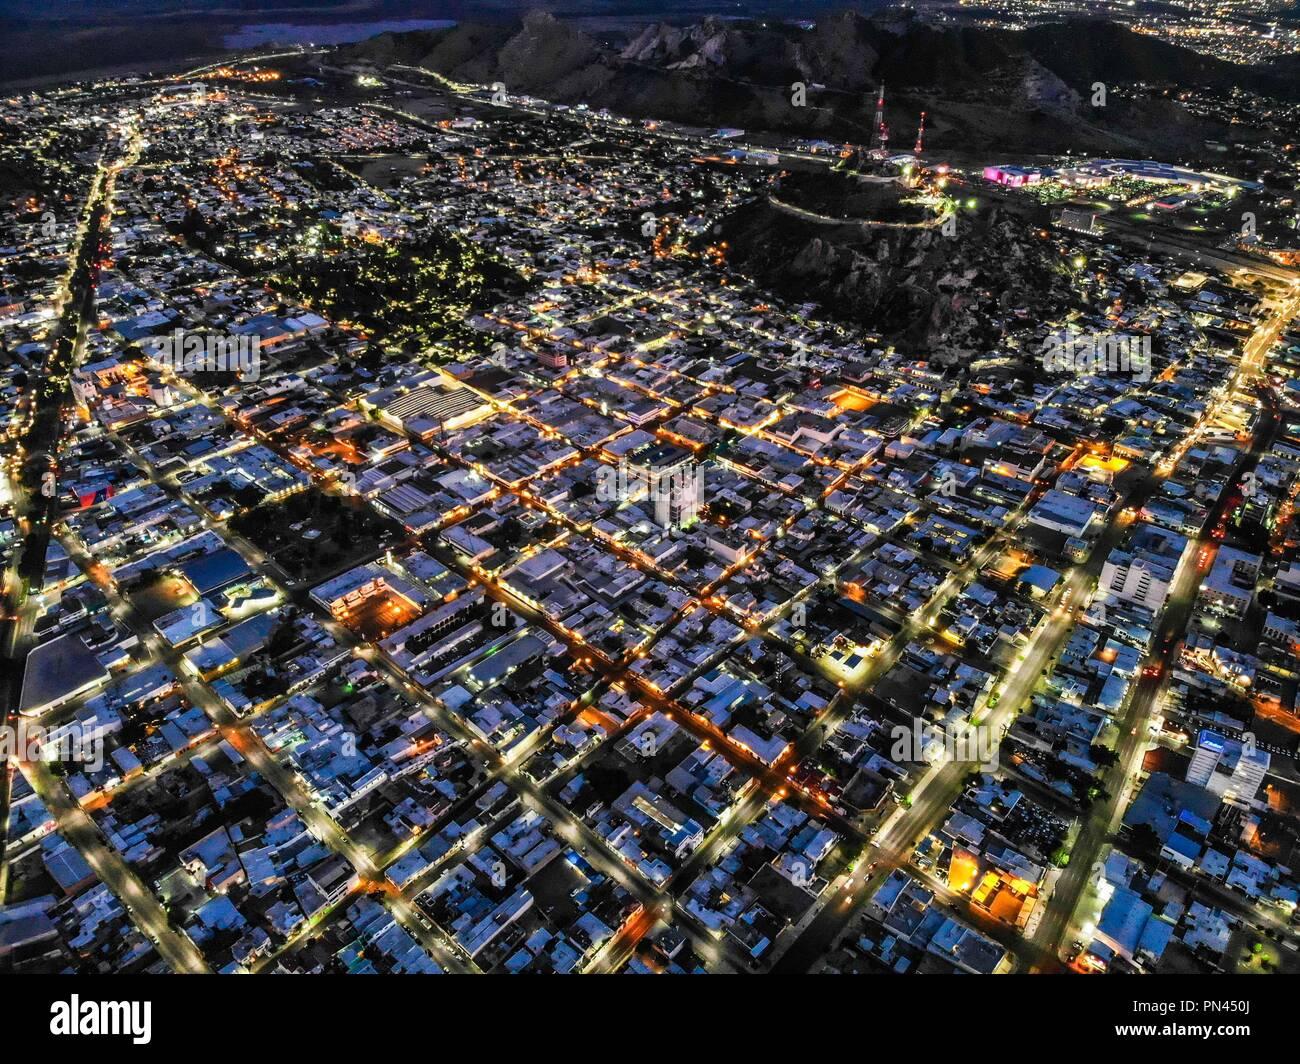 Vista aerea del la ciudad de Hermosillo. Panorámicas de Hermosillo al anochecer. Colonia Centro y Cerro de la Campana.  (Photo: Luis Gutiérrez / Norte Stock Photo